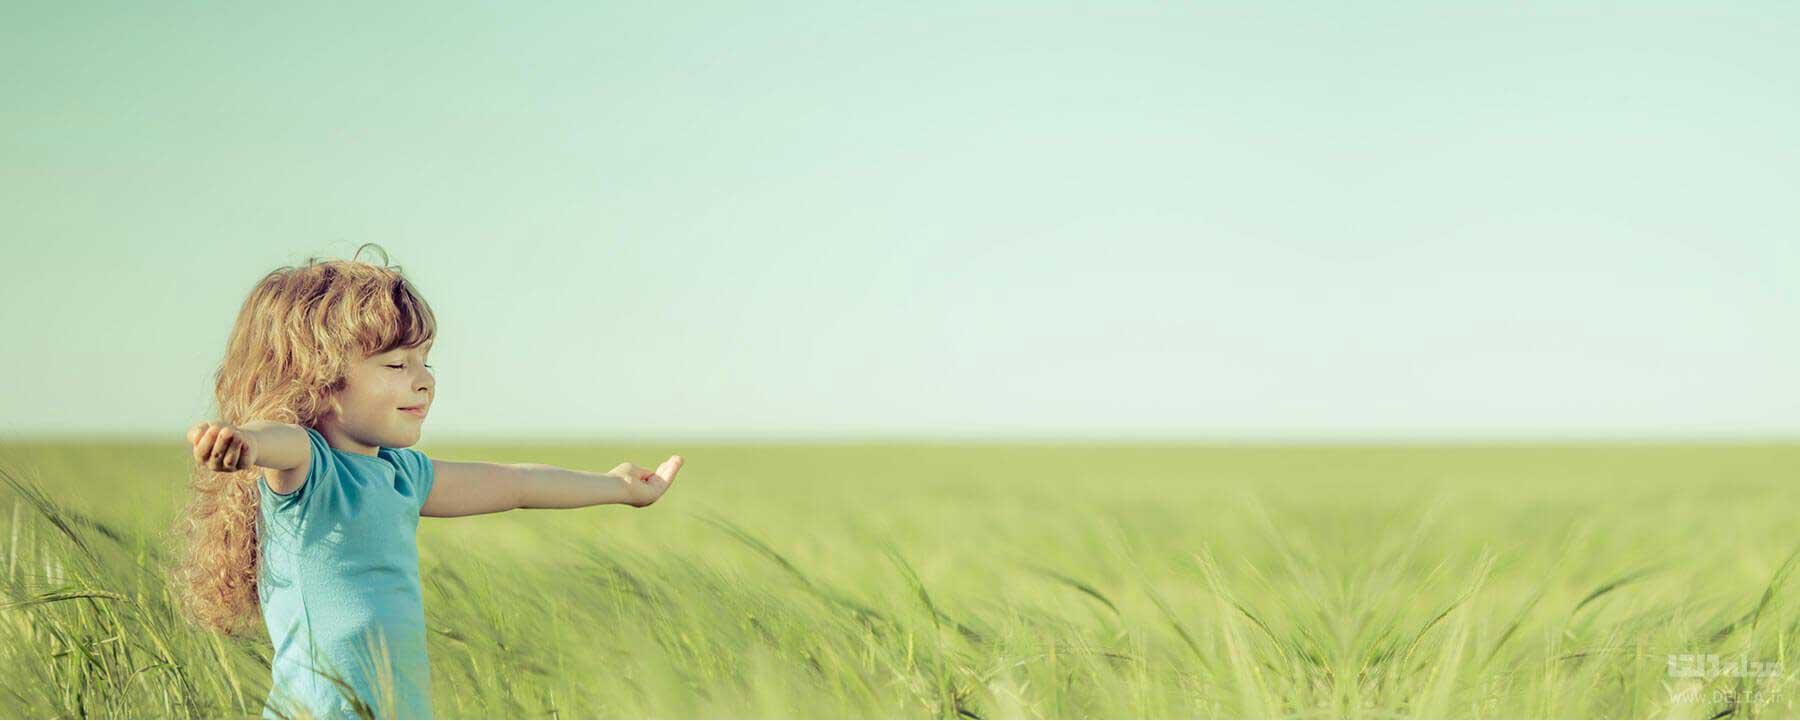 آرامش درونی